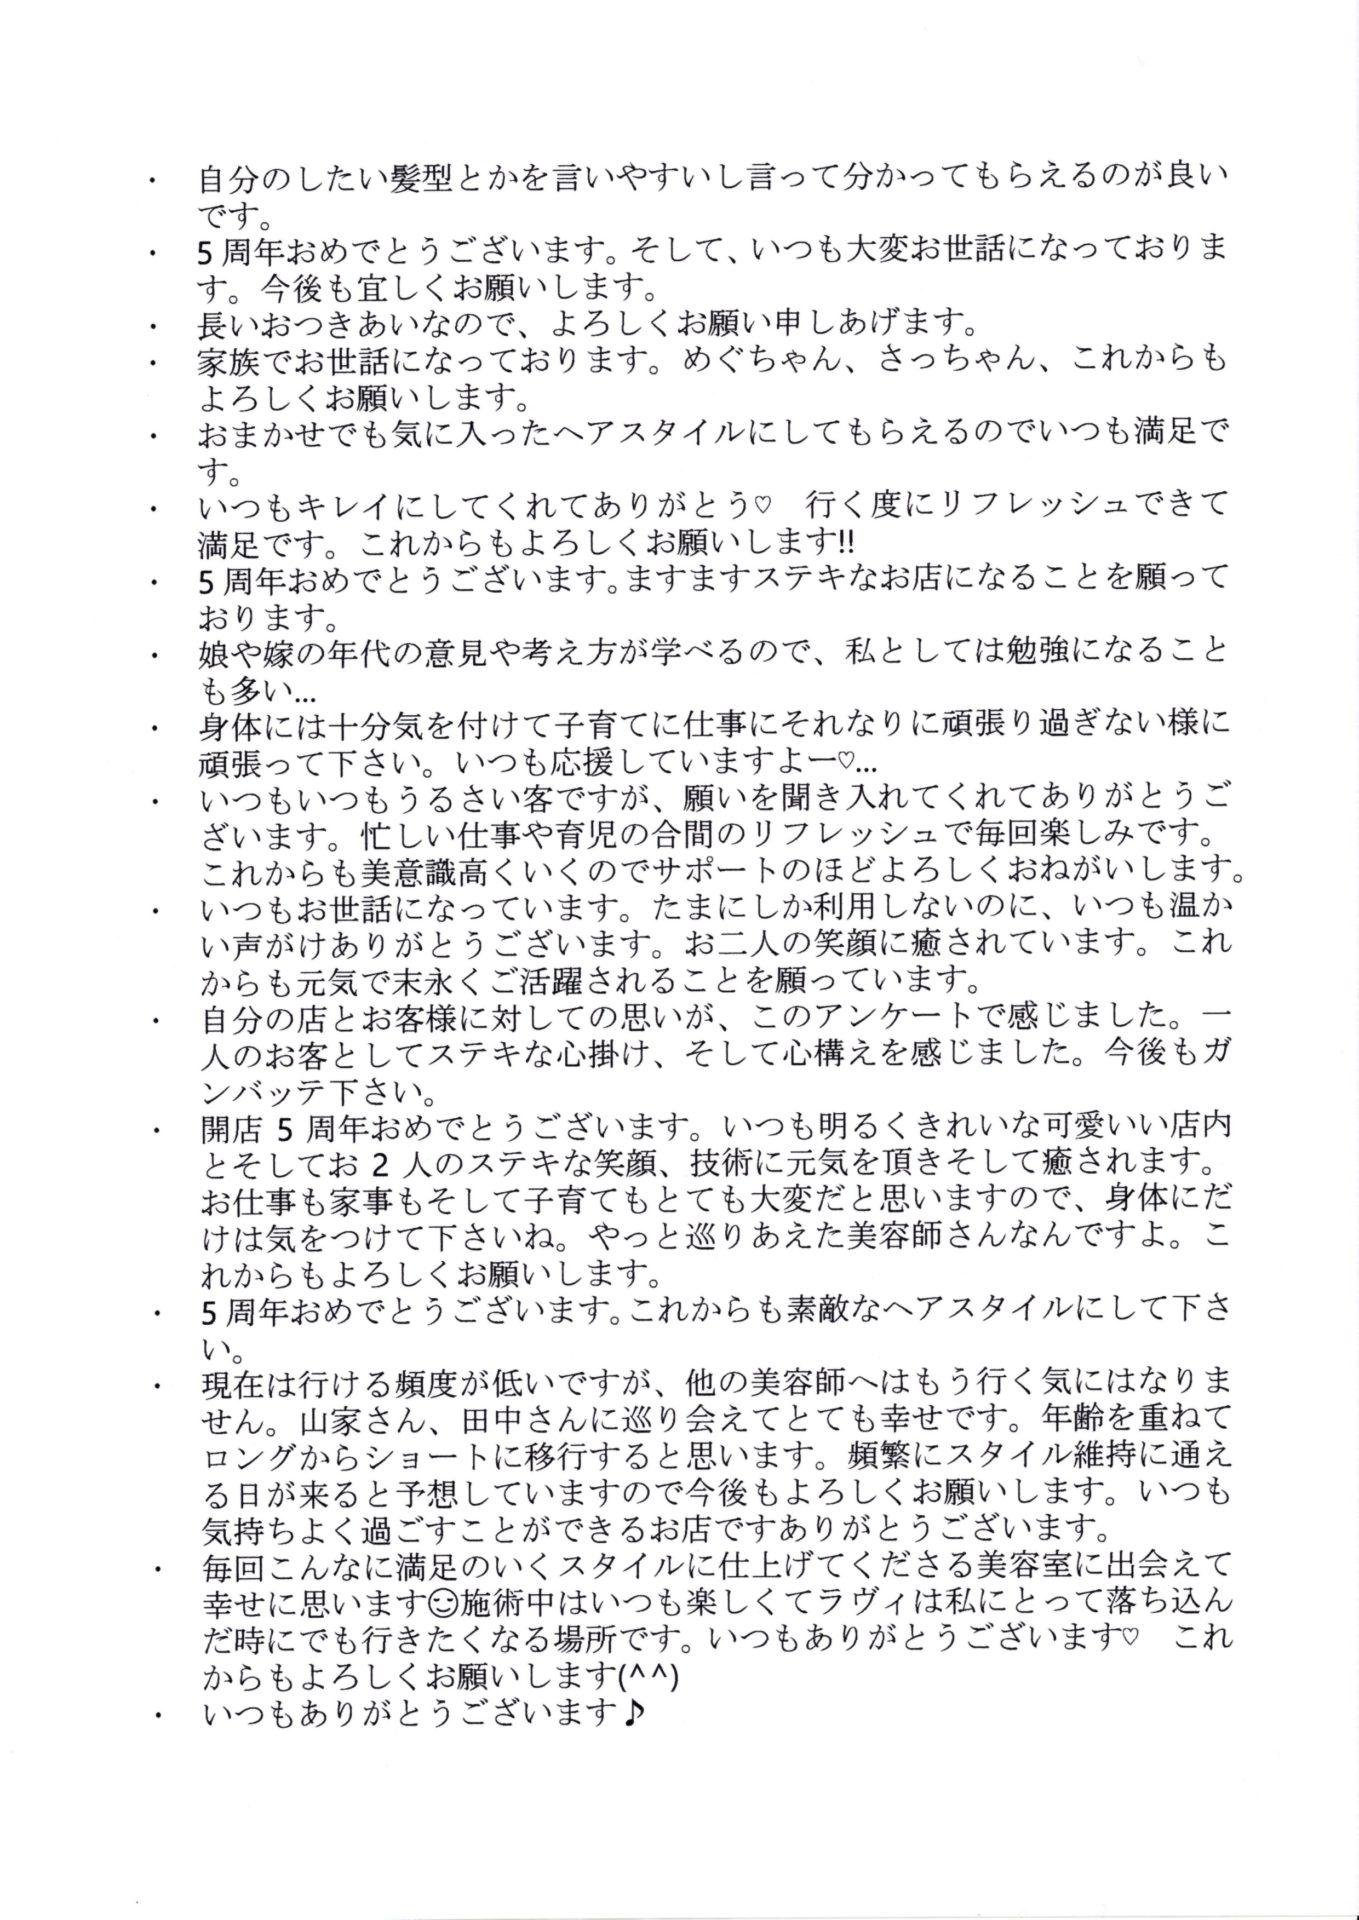 アンケート結果 最終号 2